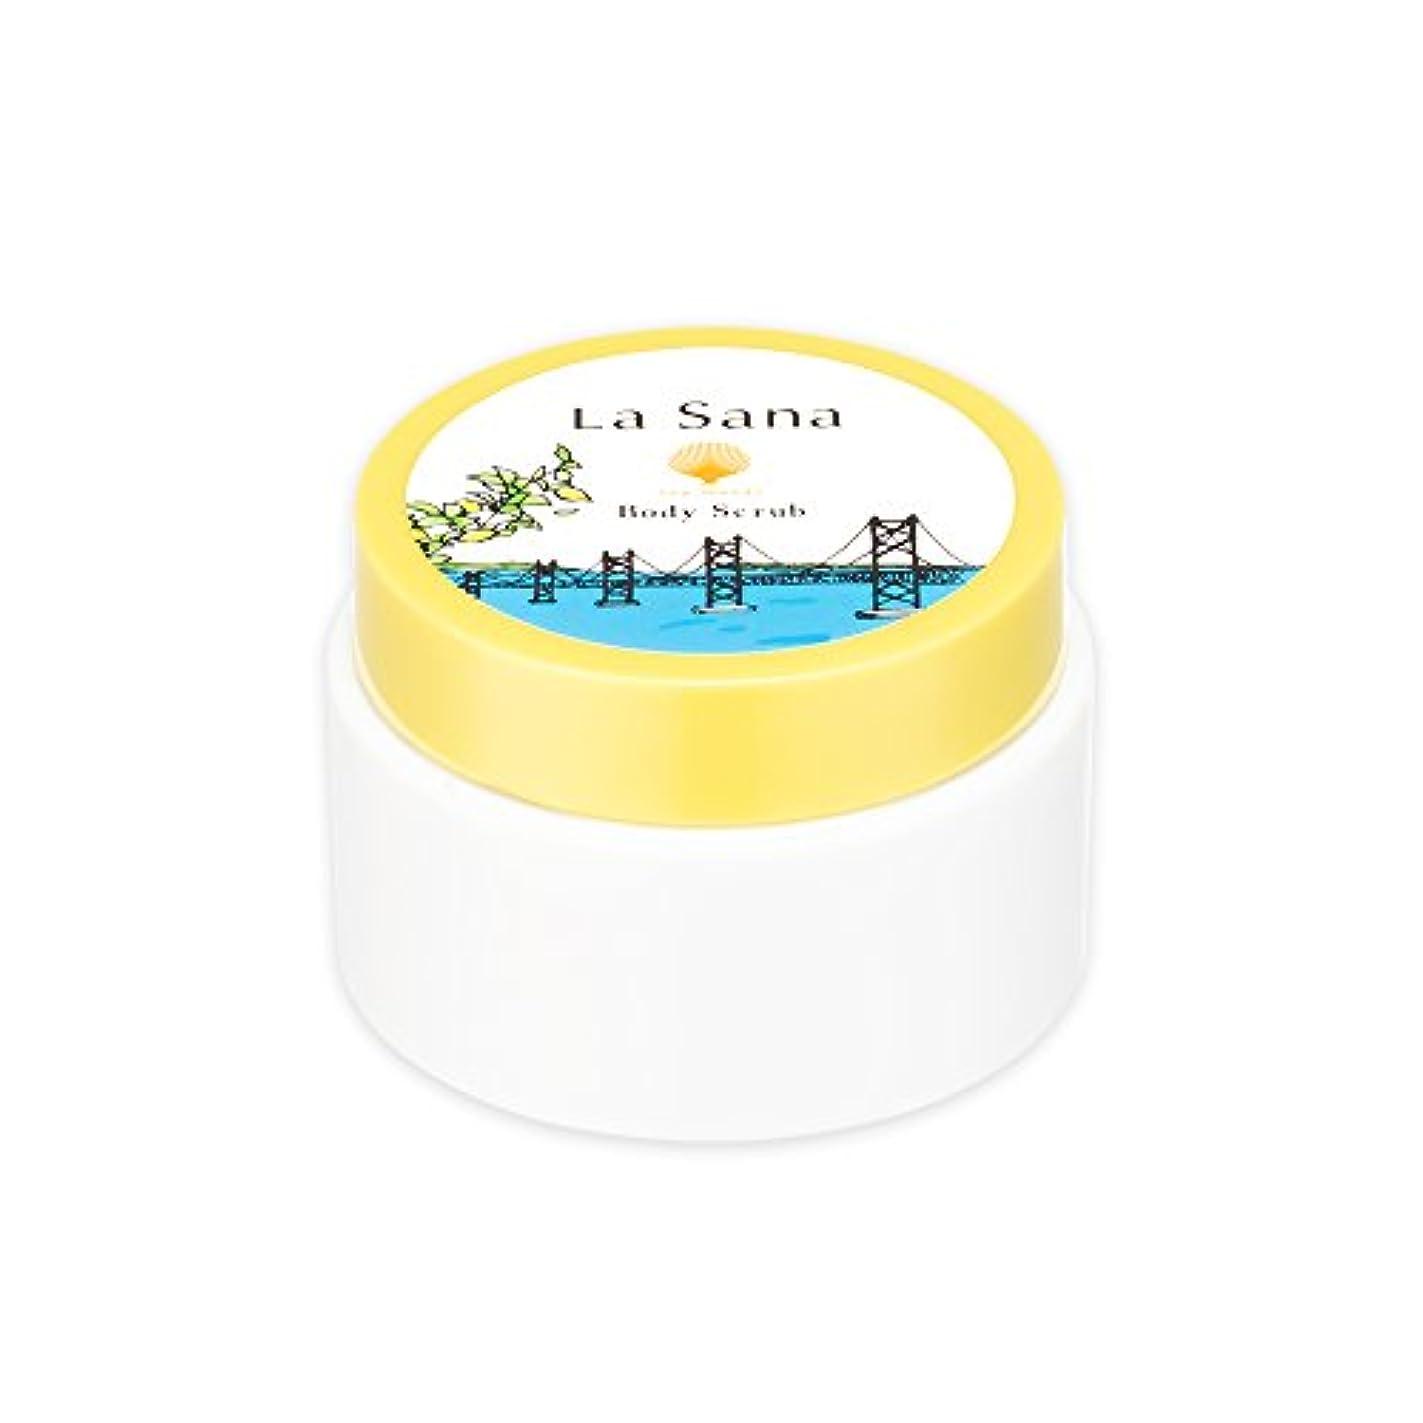 コショウ染料ベーシックラサーナ La sana 海藻 ボディ スクラブ 100g 限定 瀬戸内レモンの香り ボディケア 日本製 (約1ヵ月分)